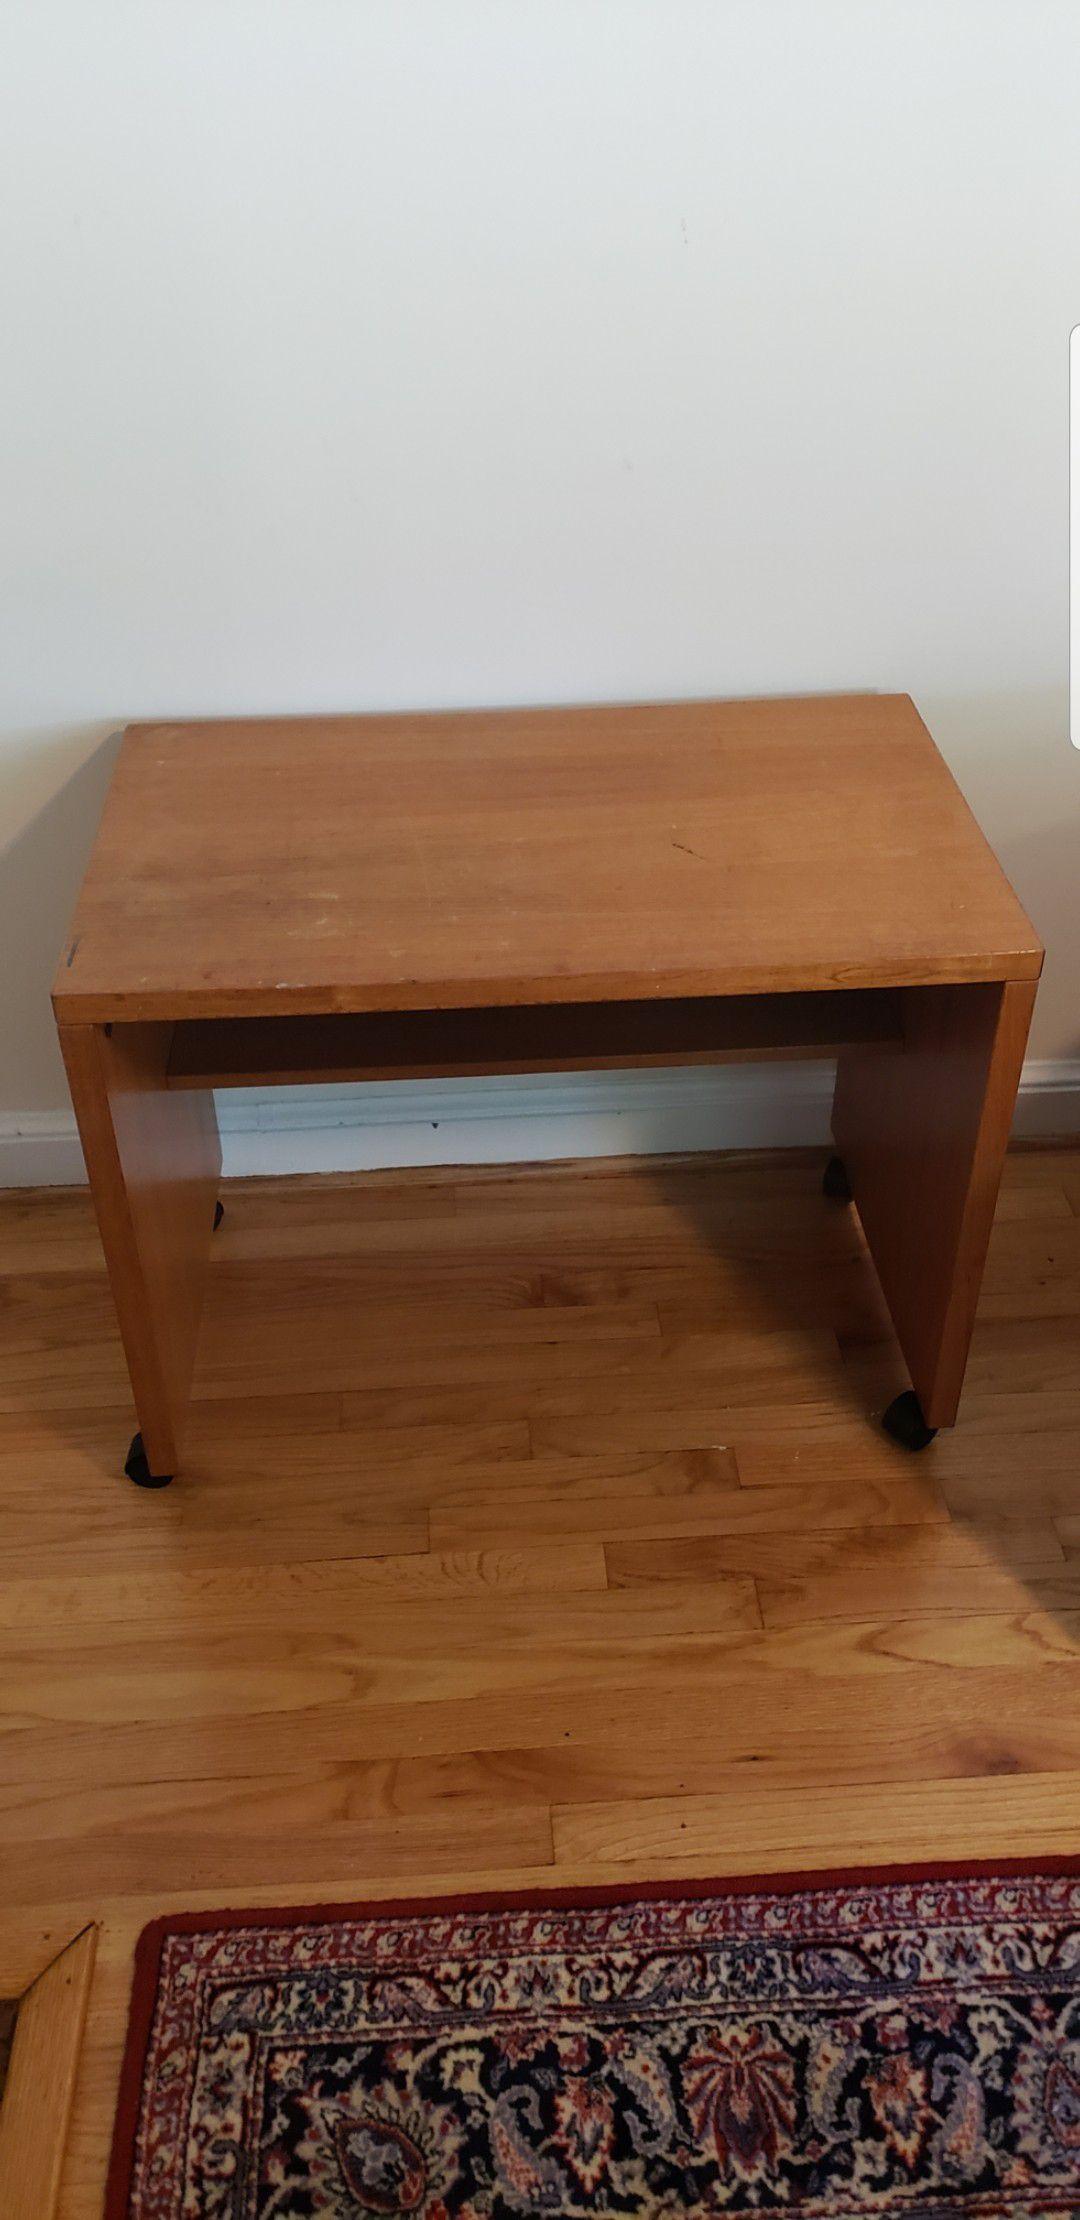 Children's Desks (updated 12/2)